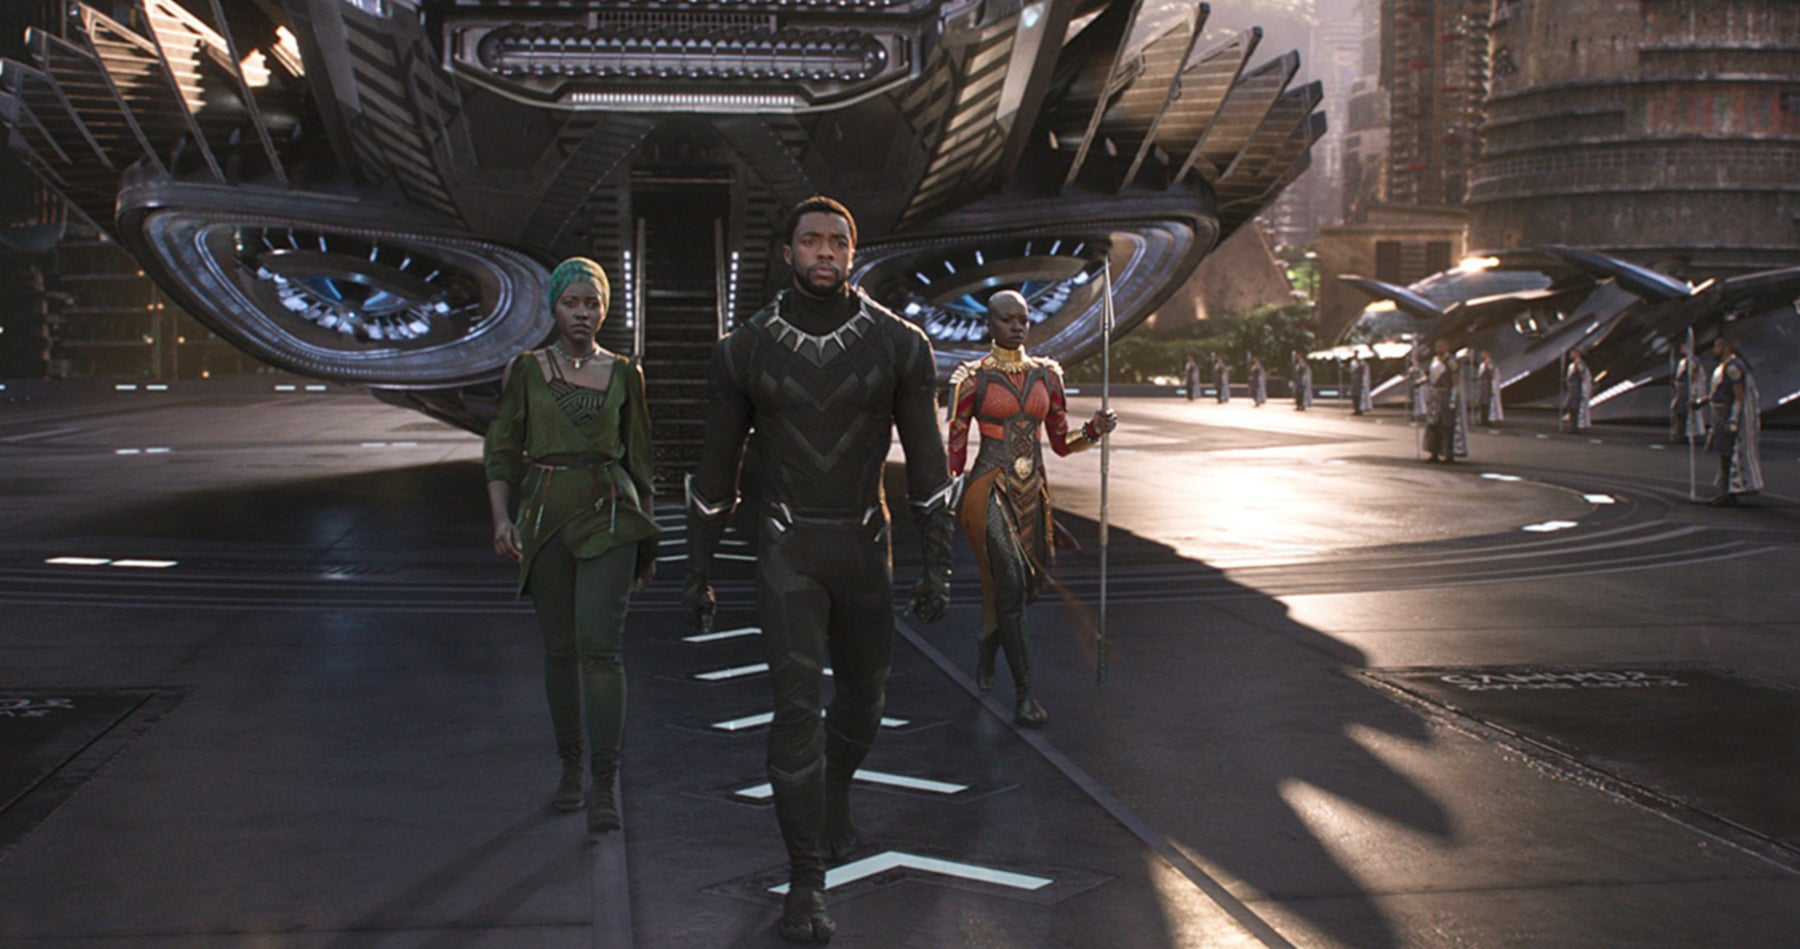 Chadwick Boseman, Danai Gurira, and Lupita Nyong'o in a scene from Black Panther